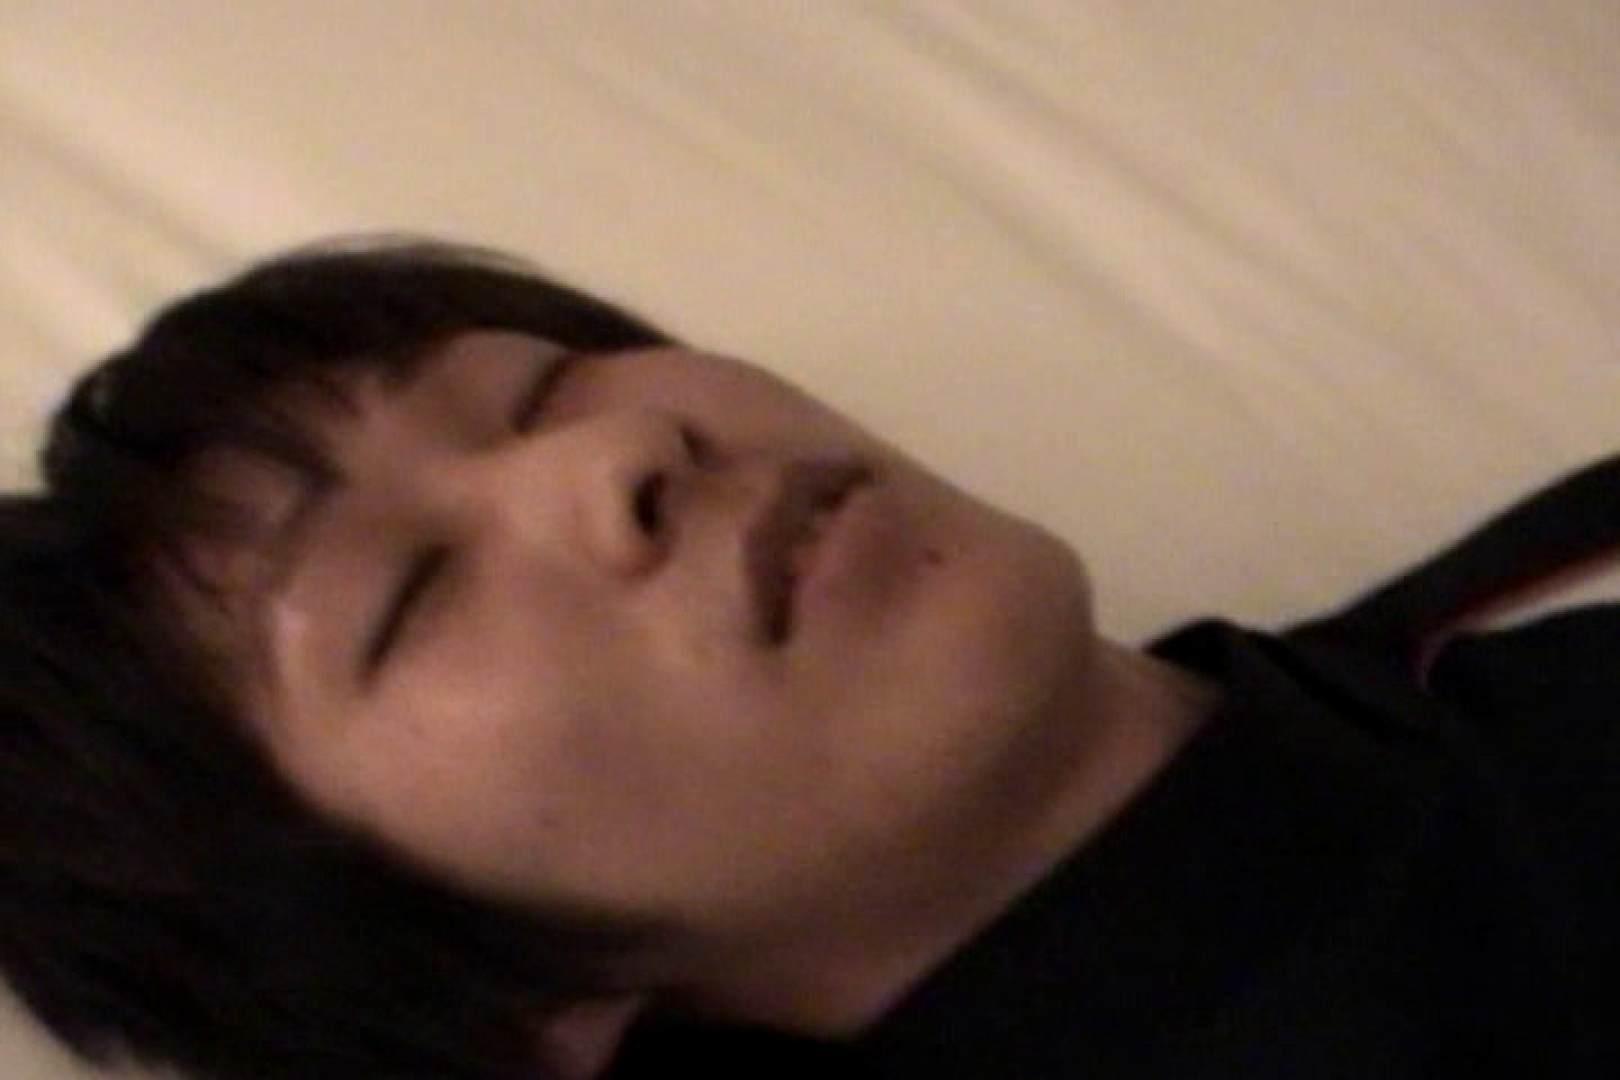 三ツ星シリーズ 魅惑のMemorial Night!! vol.01 ハメ撮り ゲイエロビデオ画像 67枚 4